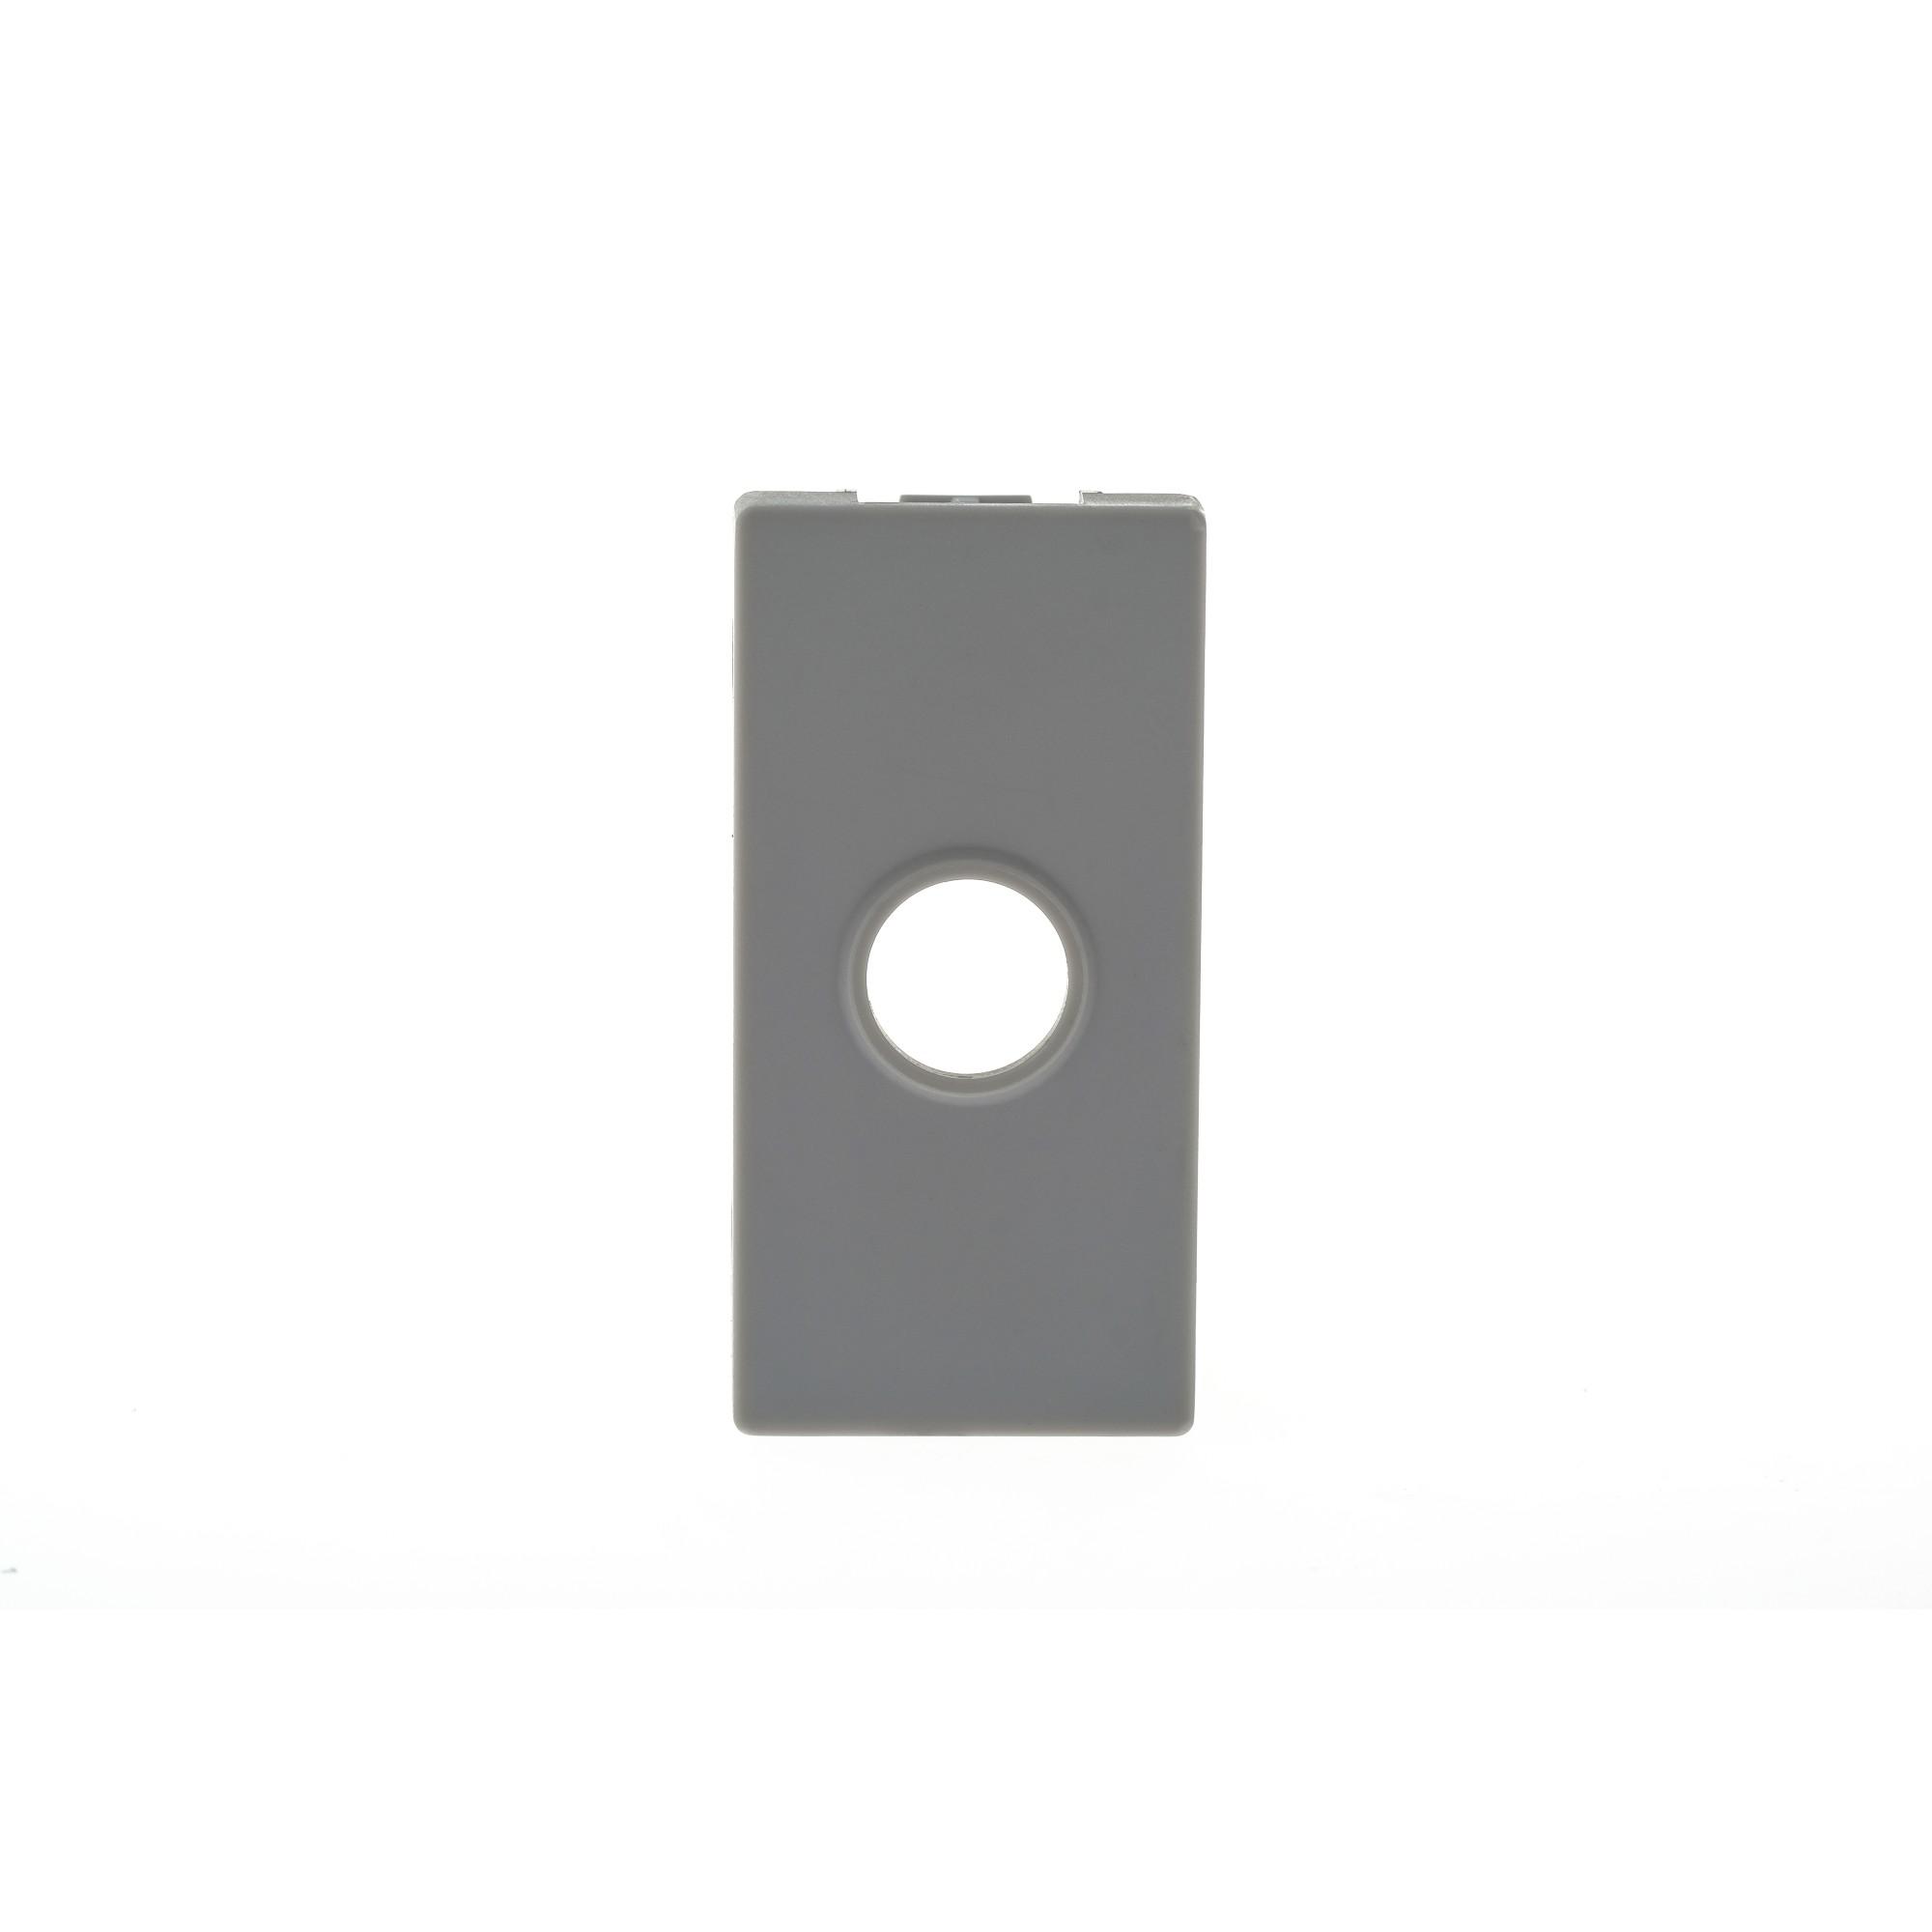 Modulo Saida de Fio 611048 Cinza Plus - Legrand